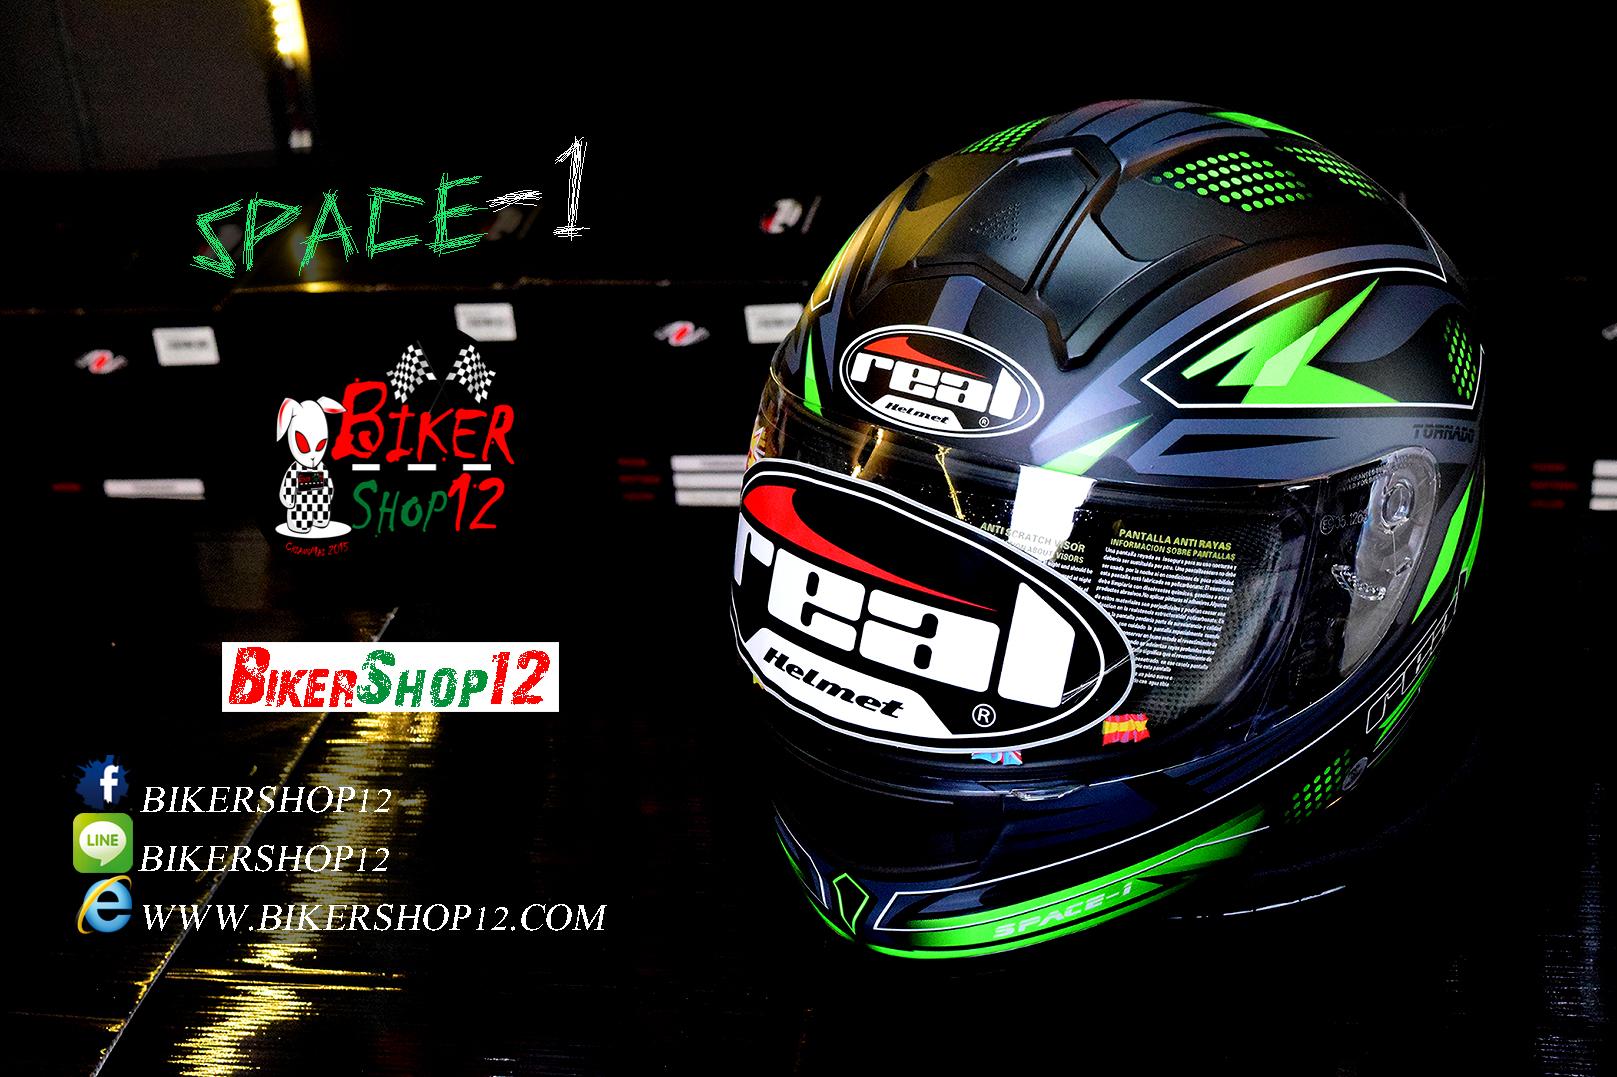 หมวกกันน็อคReal รุ่น Tornado Space-1 สีดำ-เขียว